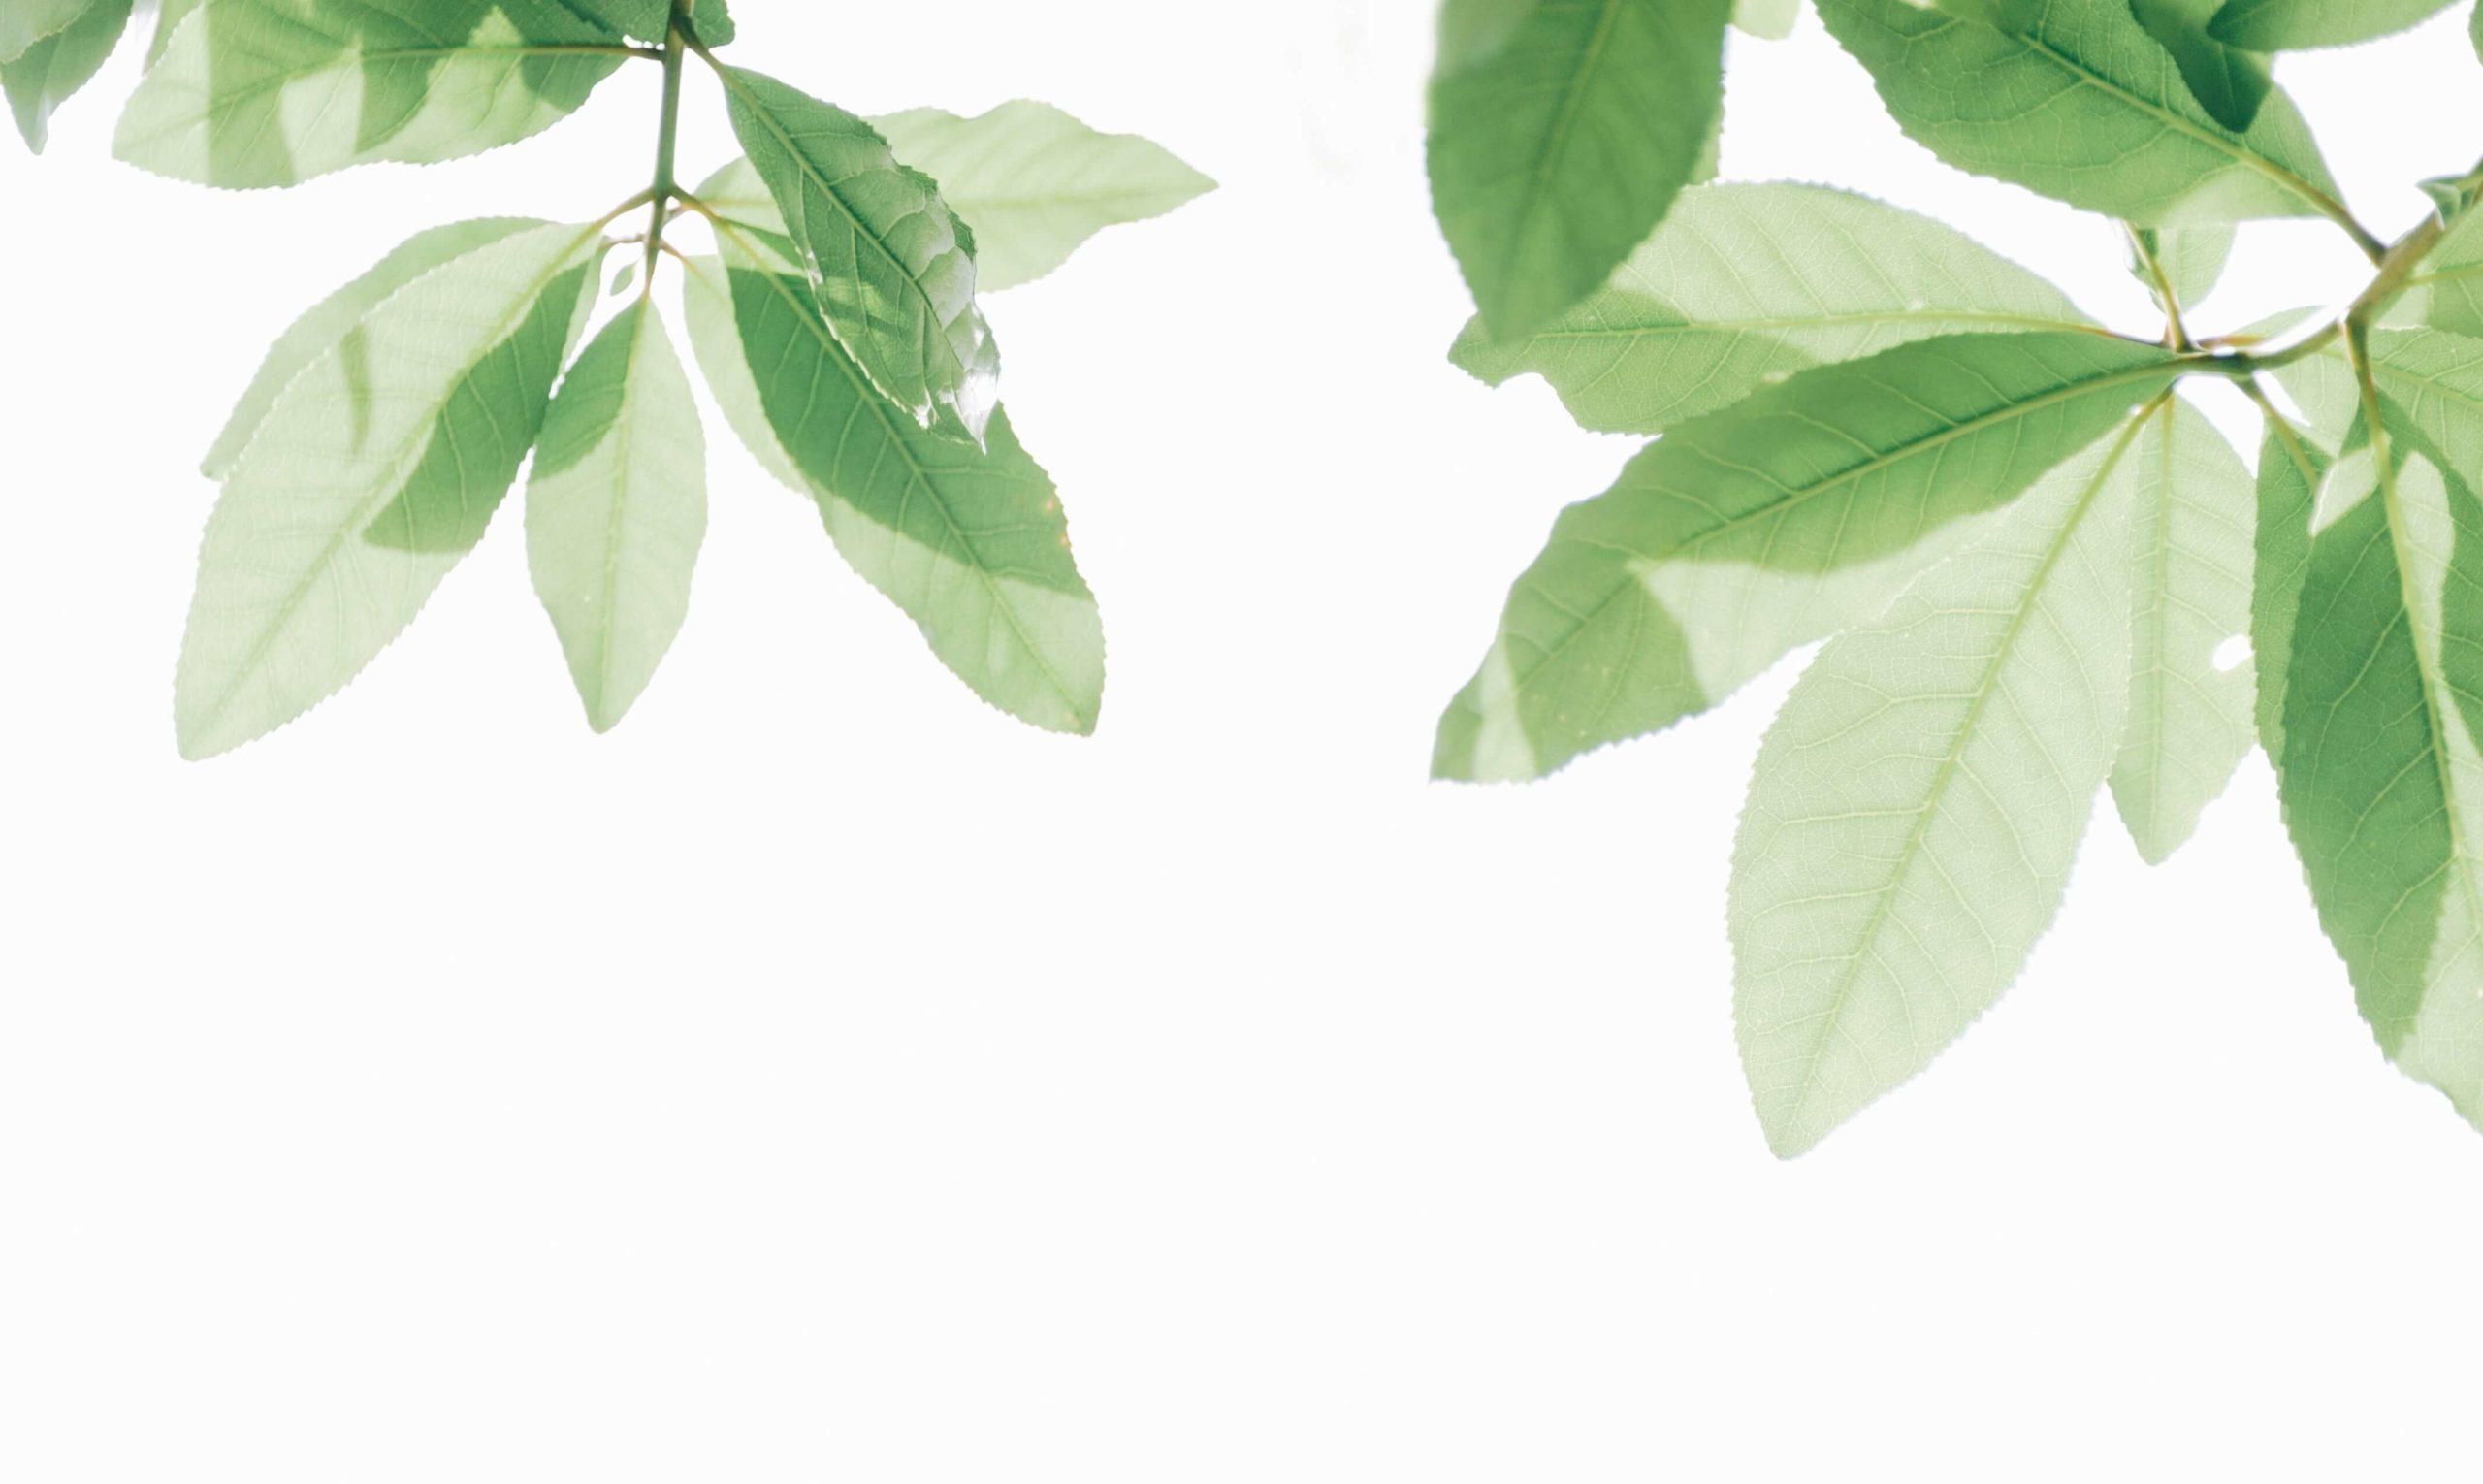 Blätter als Sinnbild für die Ecollection von Esprit